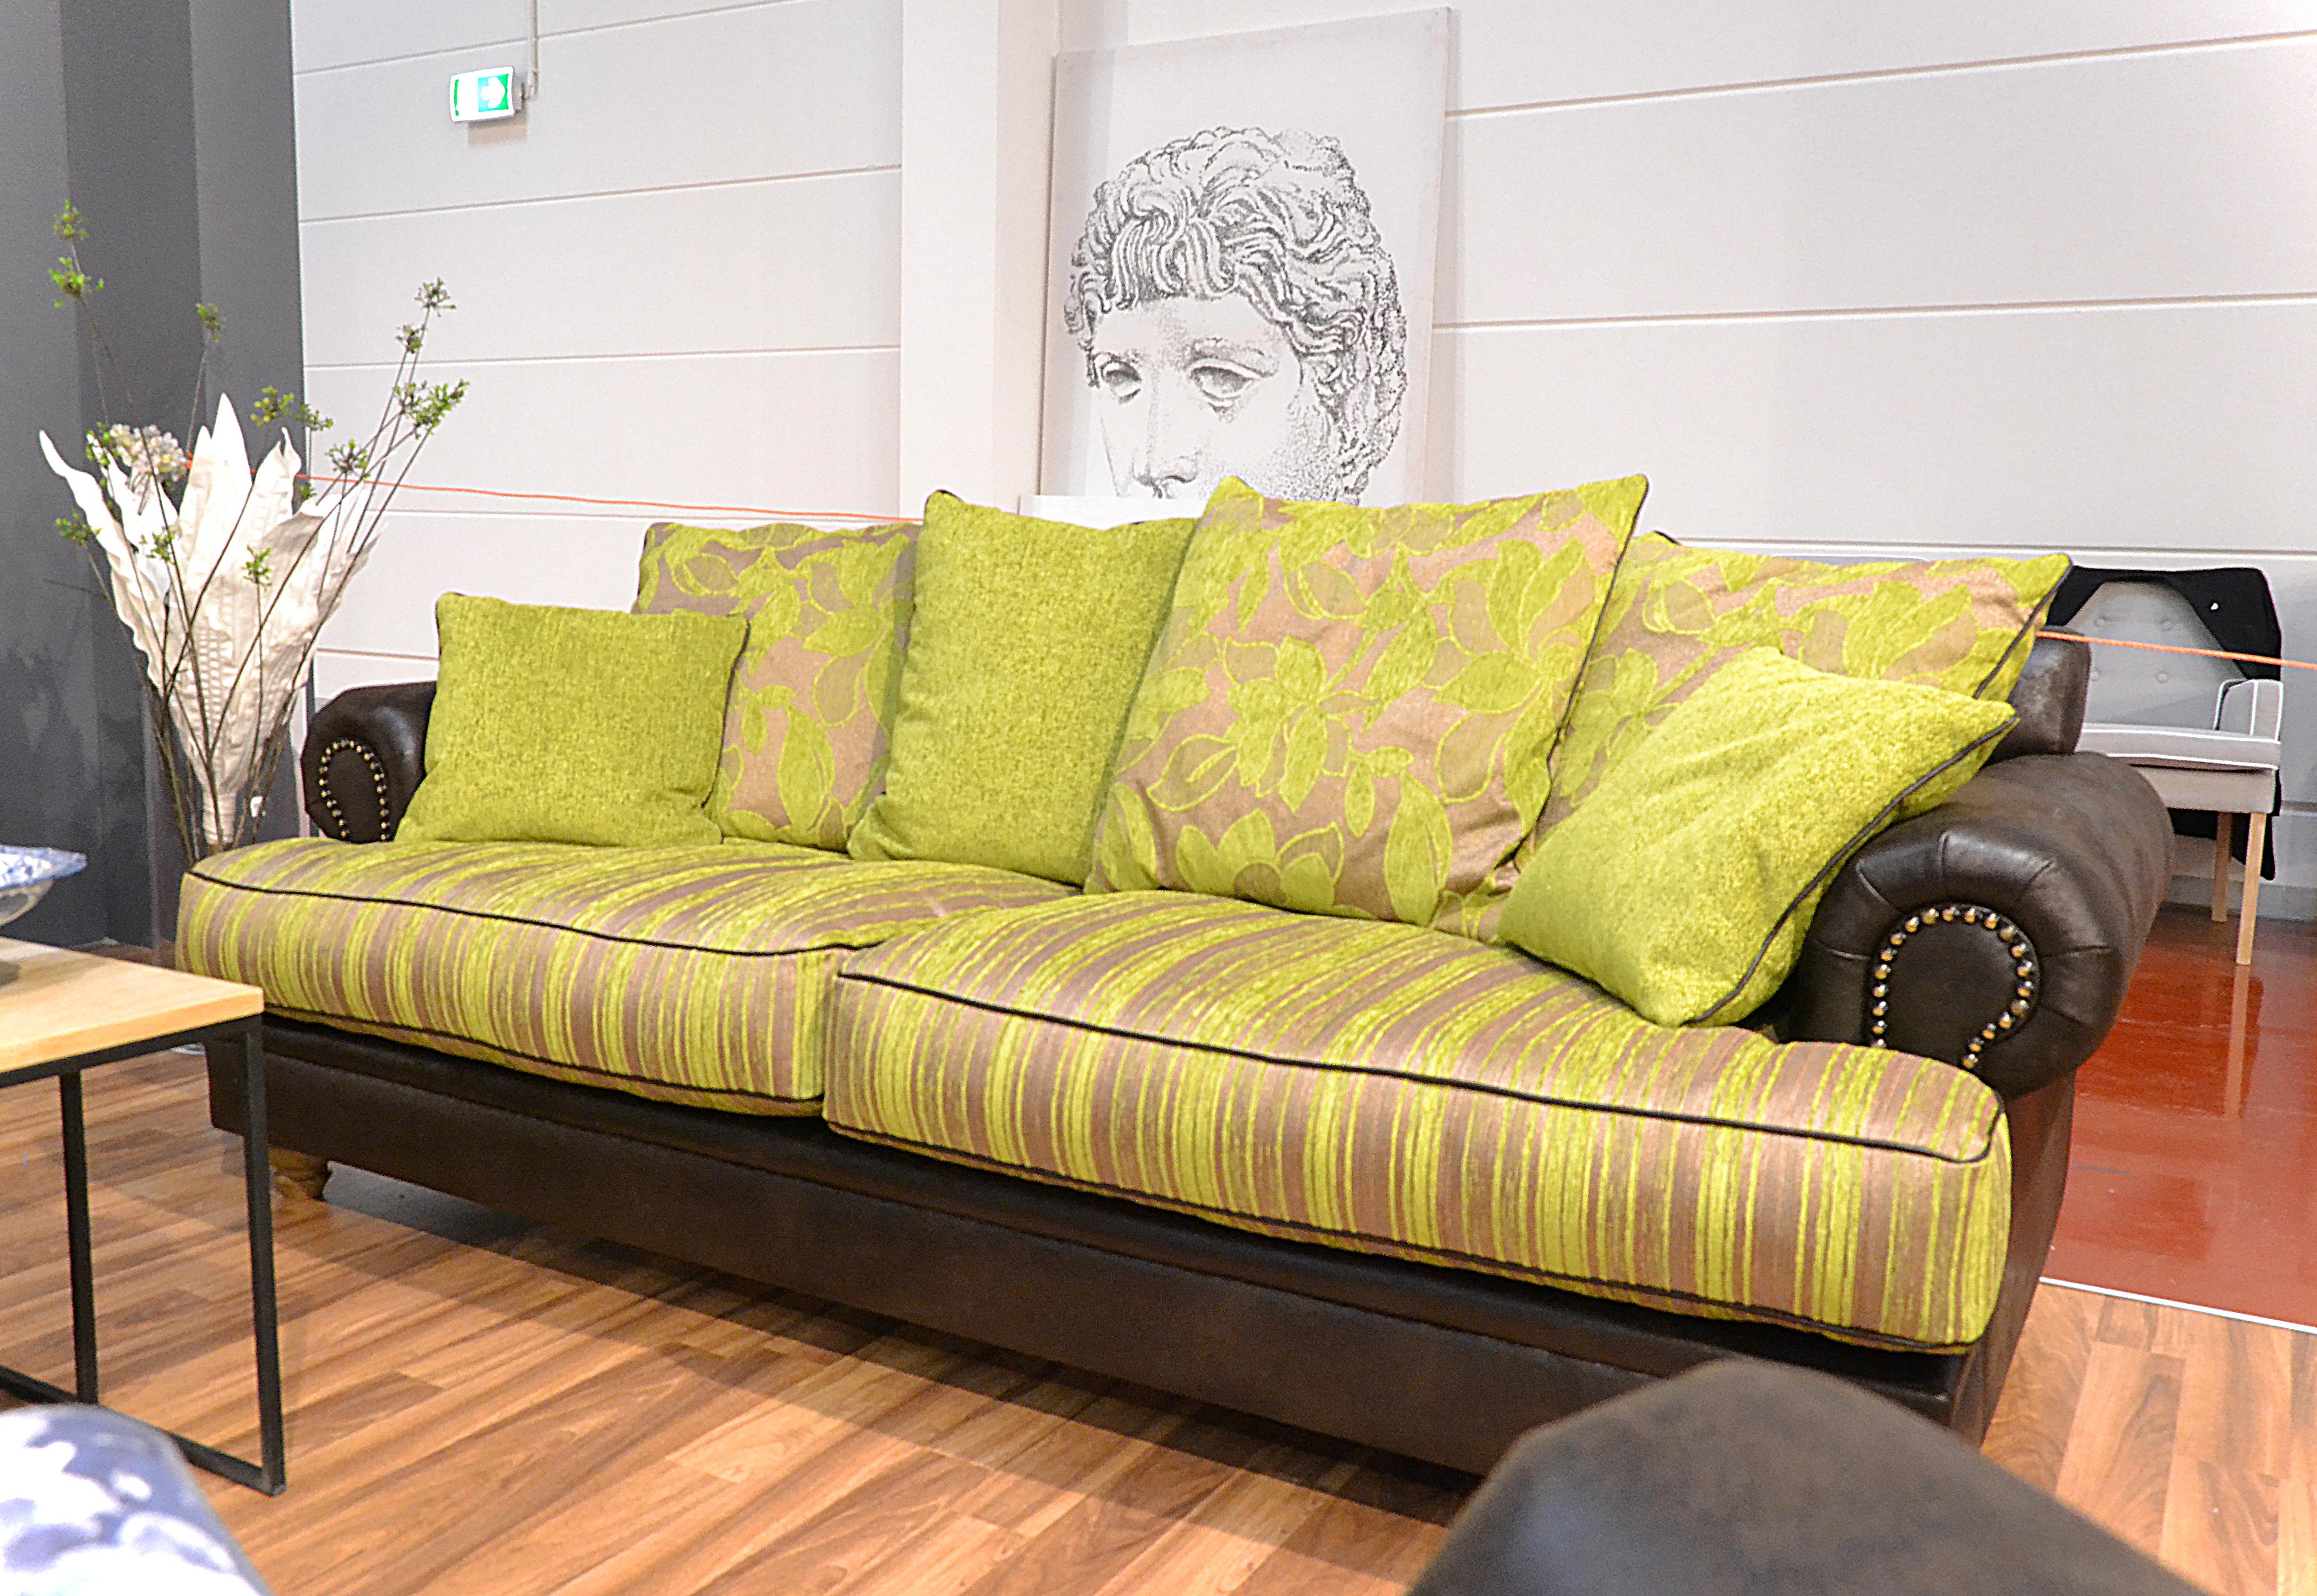 Landhaus sofa leder  Sofa / Sessel Chelsea - DAM 2000 Ltd. & Co KG